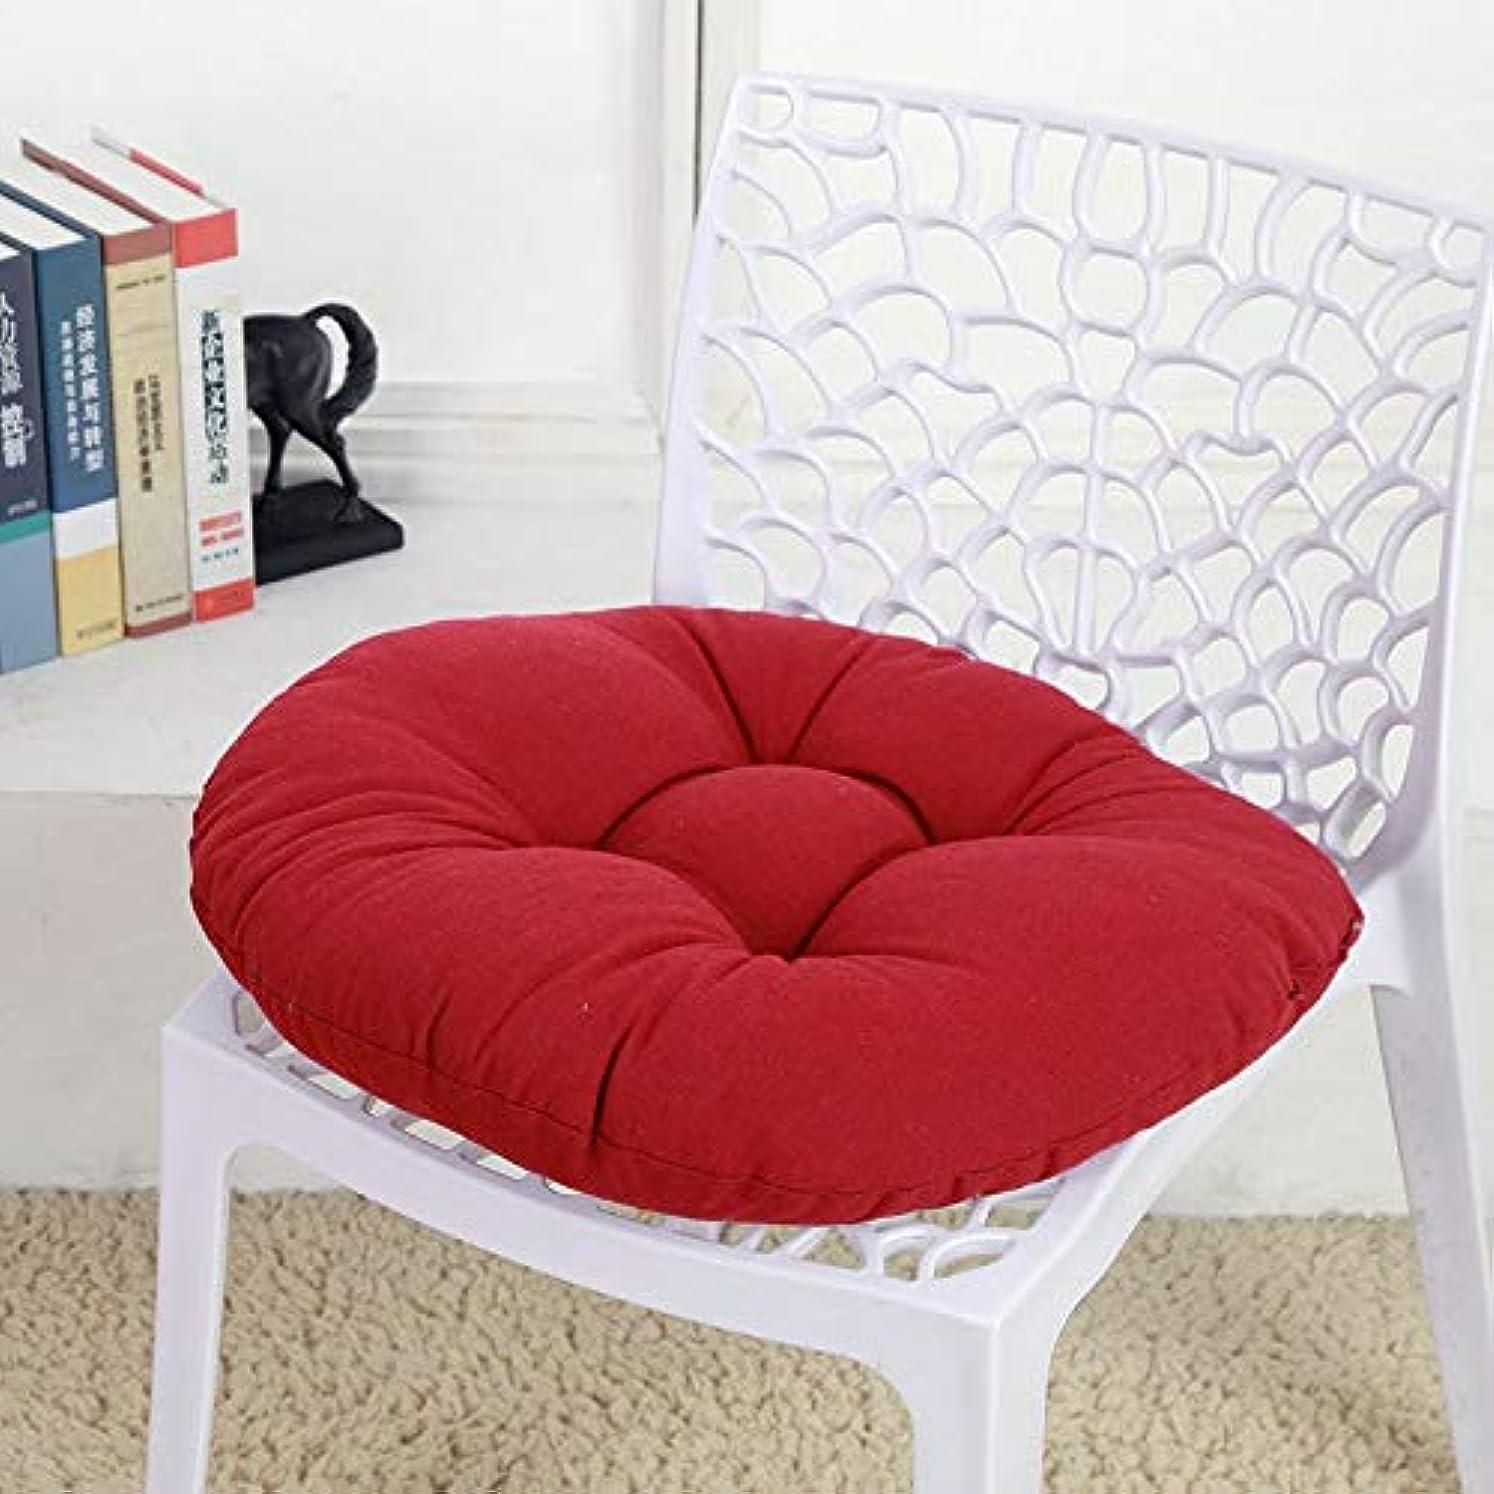 正確に降伏購入LIFE キャンディカラーのクッションラウンドシートクッション波ウィンドウシートクッションクッション家の装飾パッドラウンド枕シート枕椅子座る枕 クッション 椅子